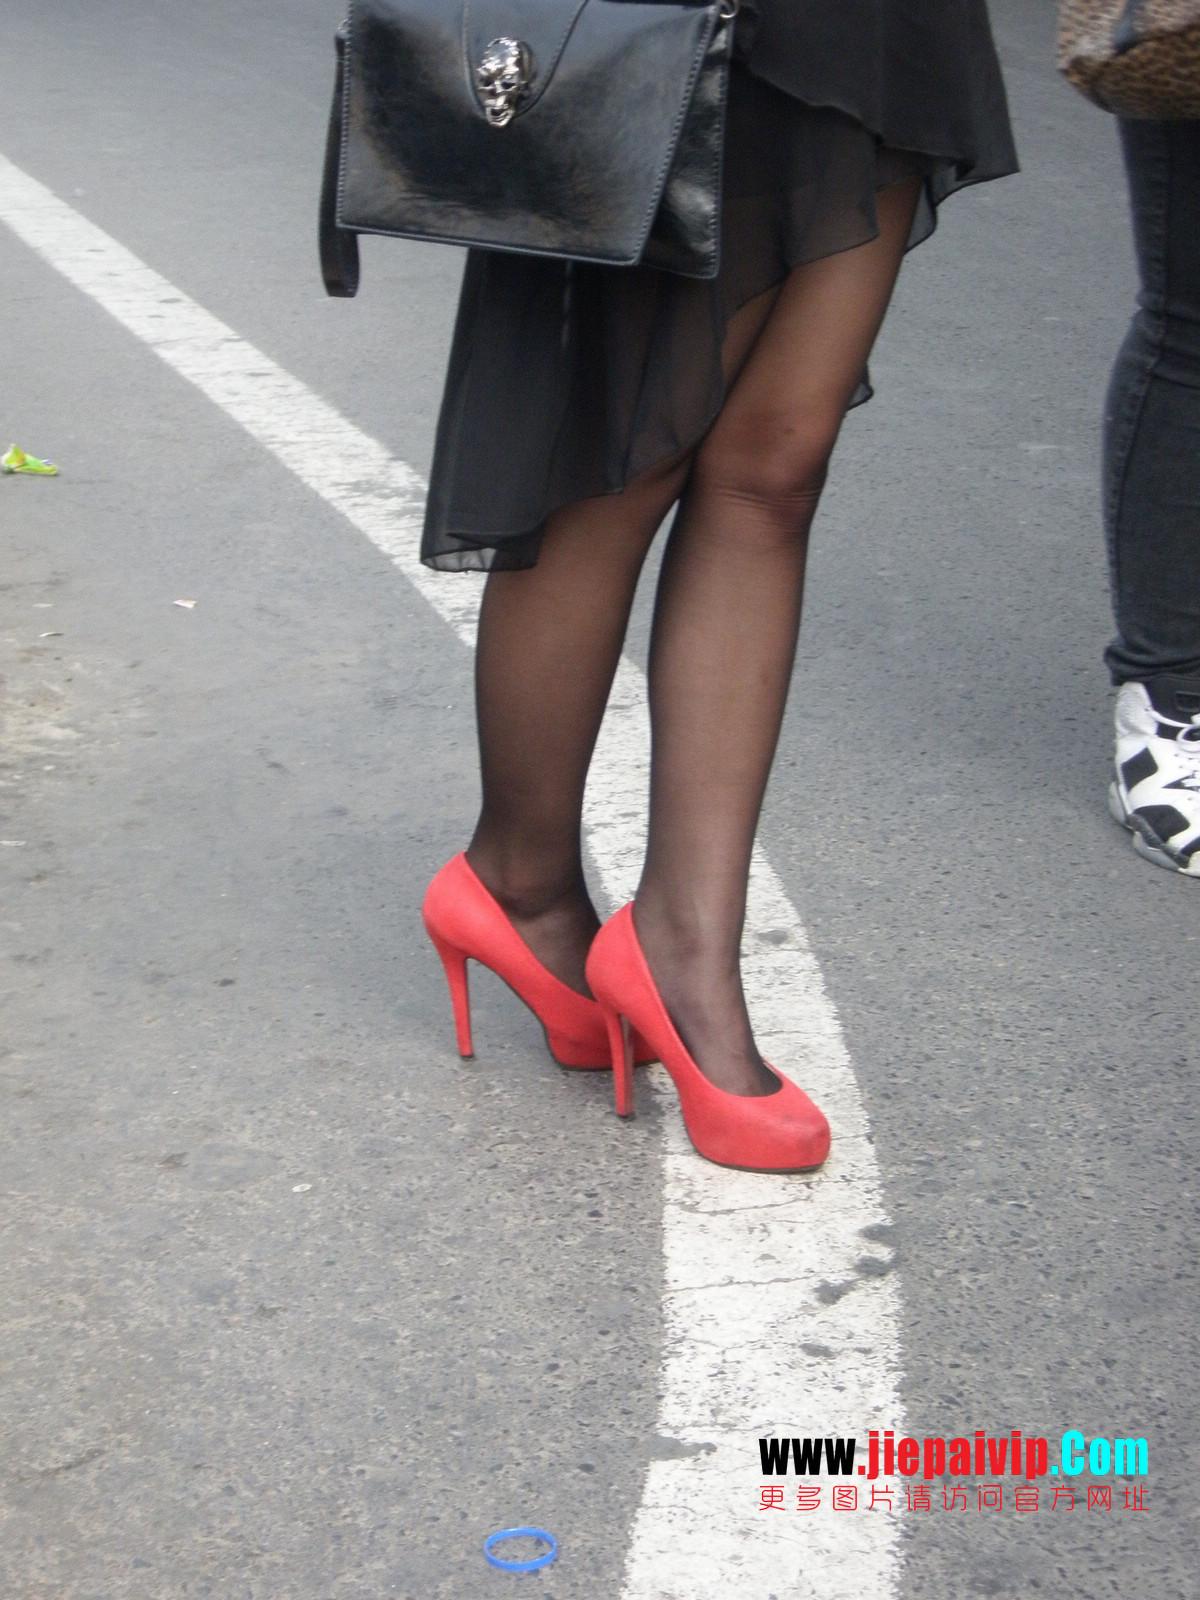 性感的红色高跟鞋黑丝袜美腿女人14